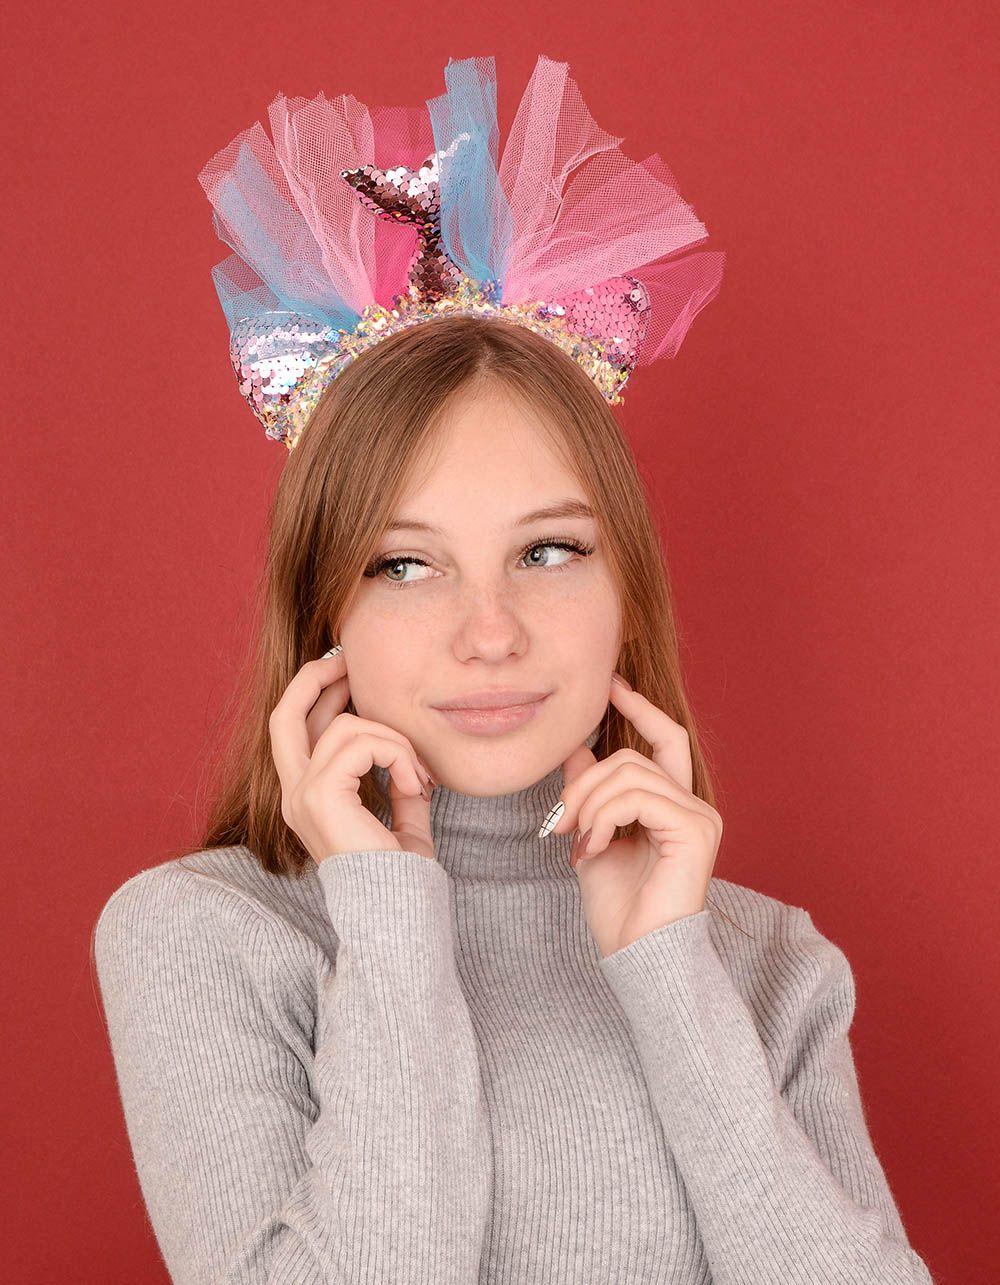 Обідок для волосся з хвостом русалки із паєток | 239236-14-XX